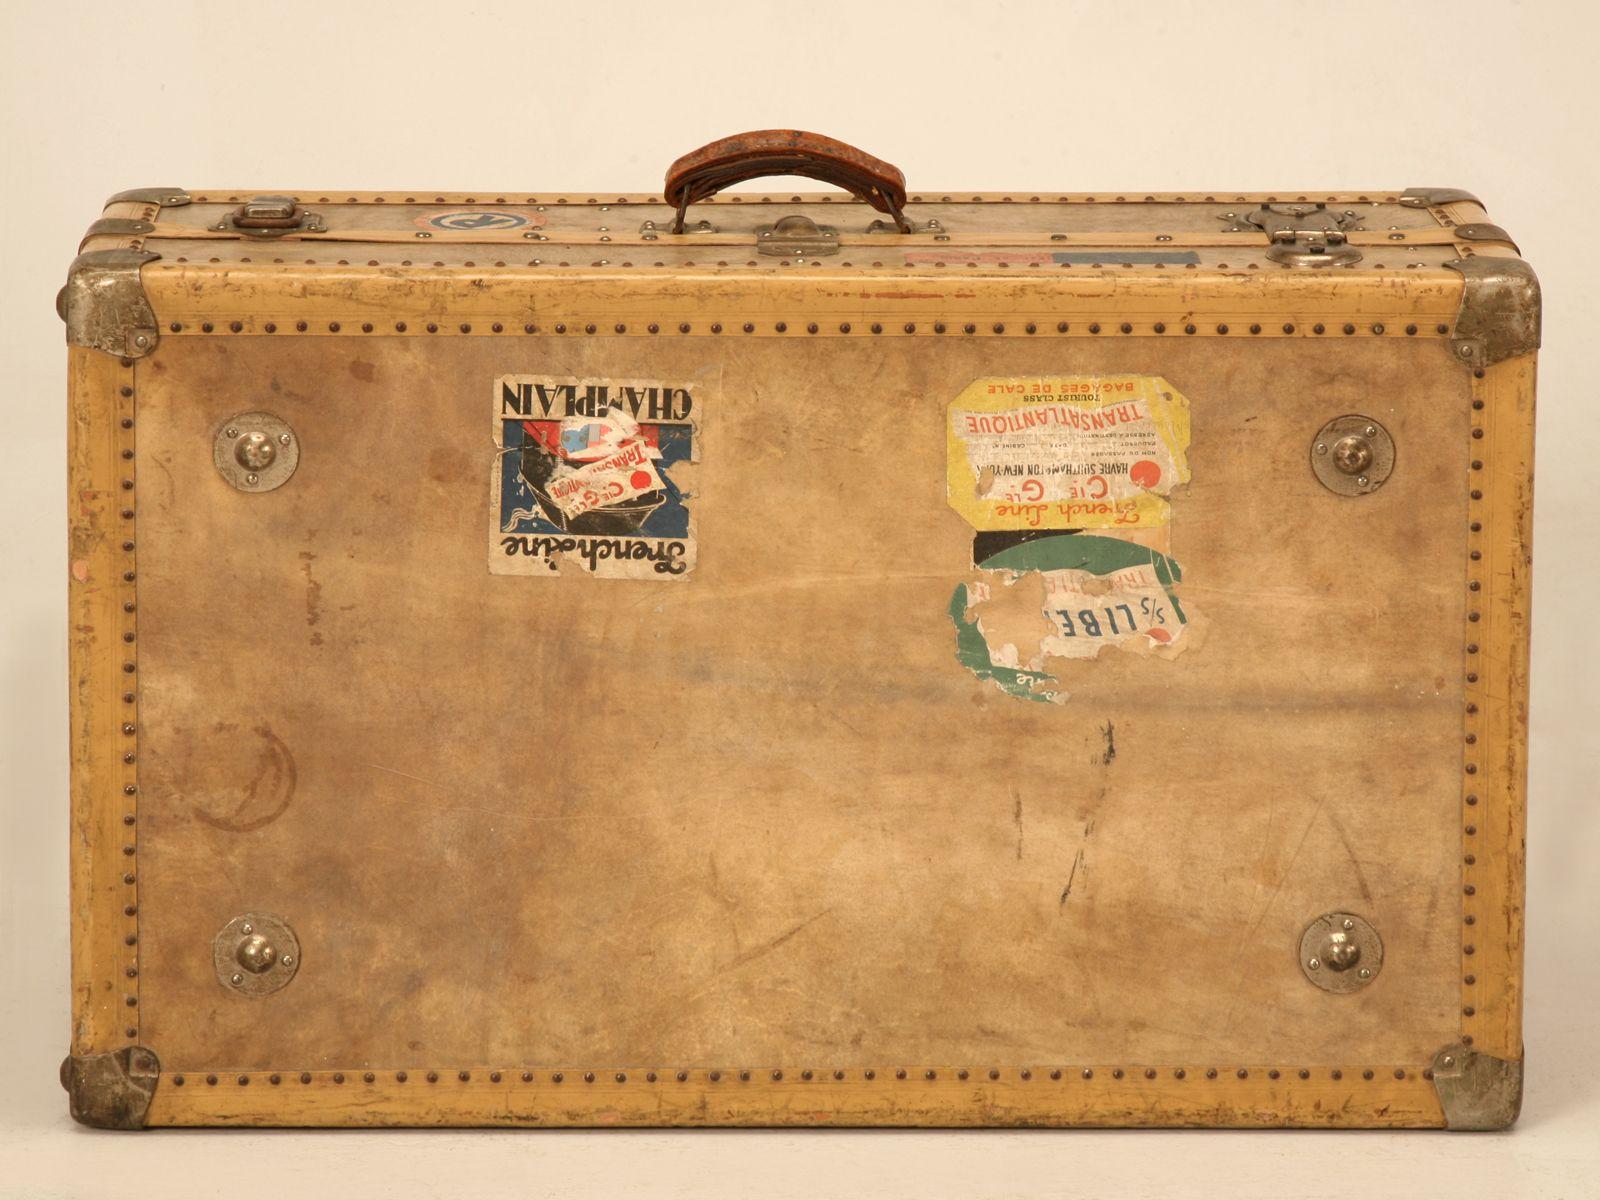 images for old suitcase clipart valise pinterest vintage travel. Black Bedroom Furniture Sets. Home Design Ideas